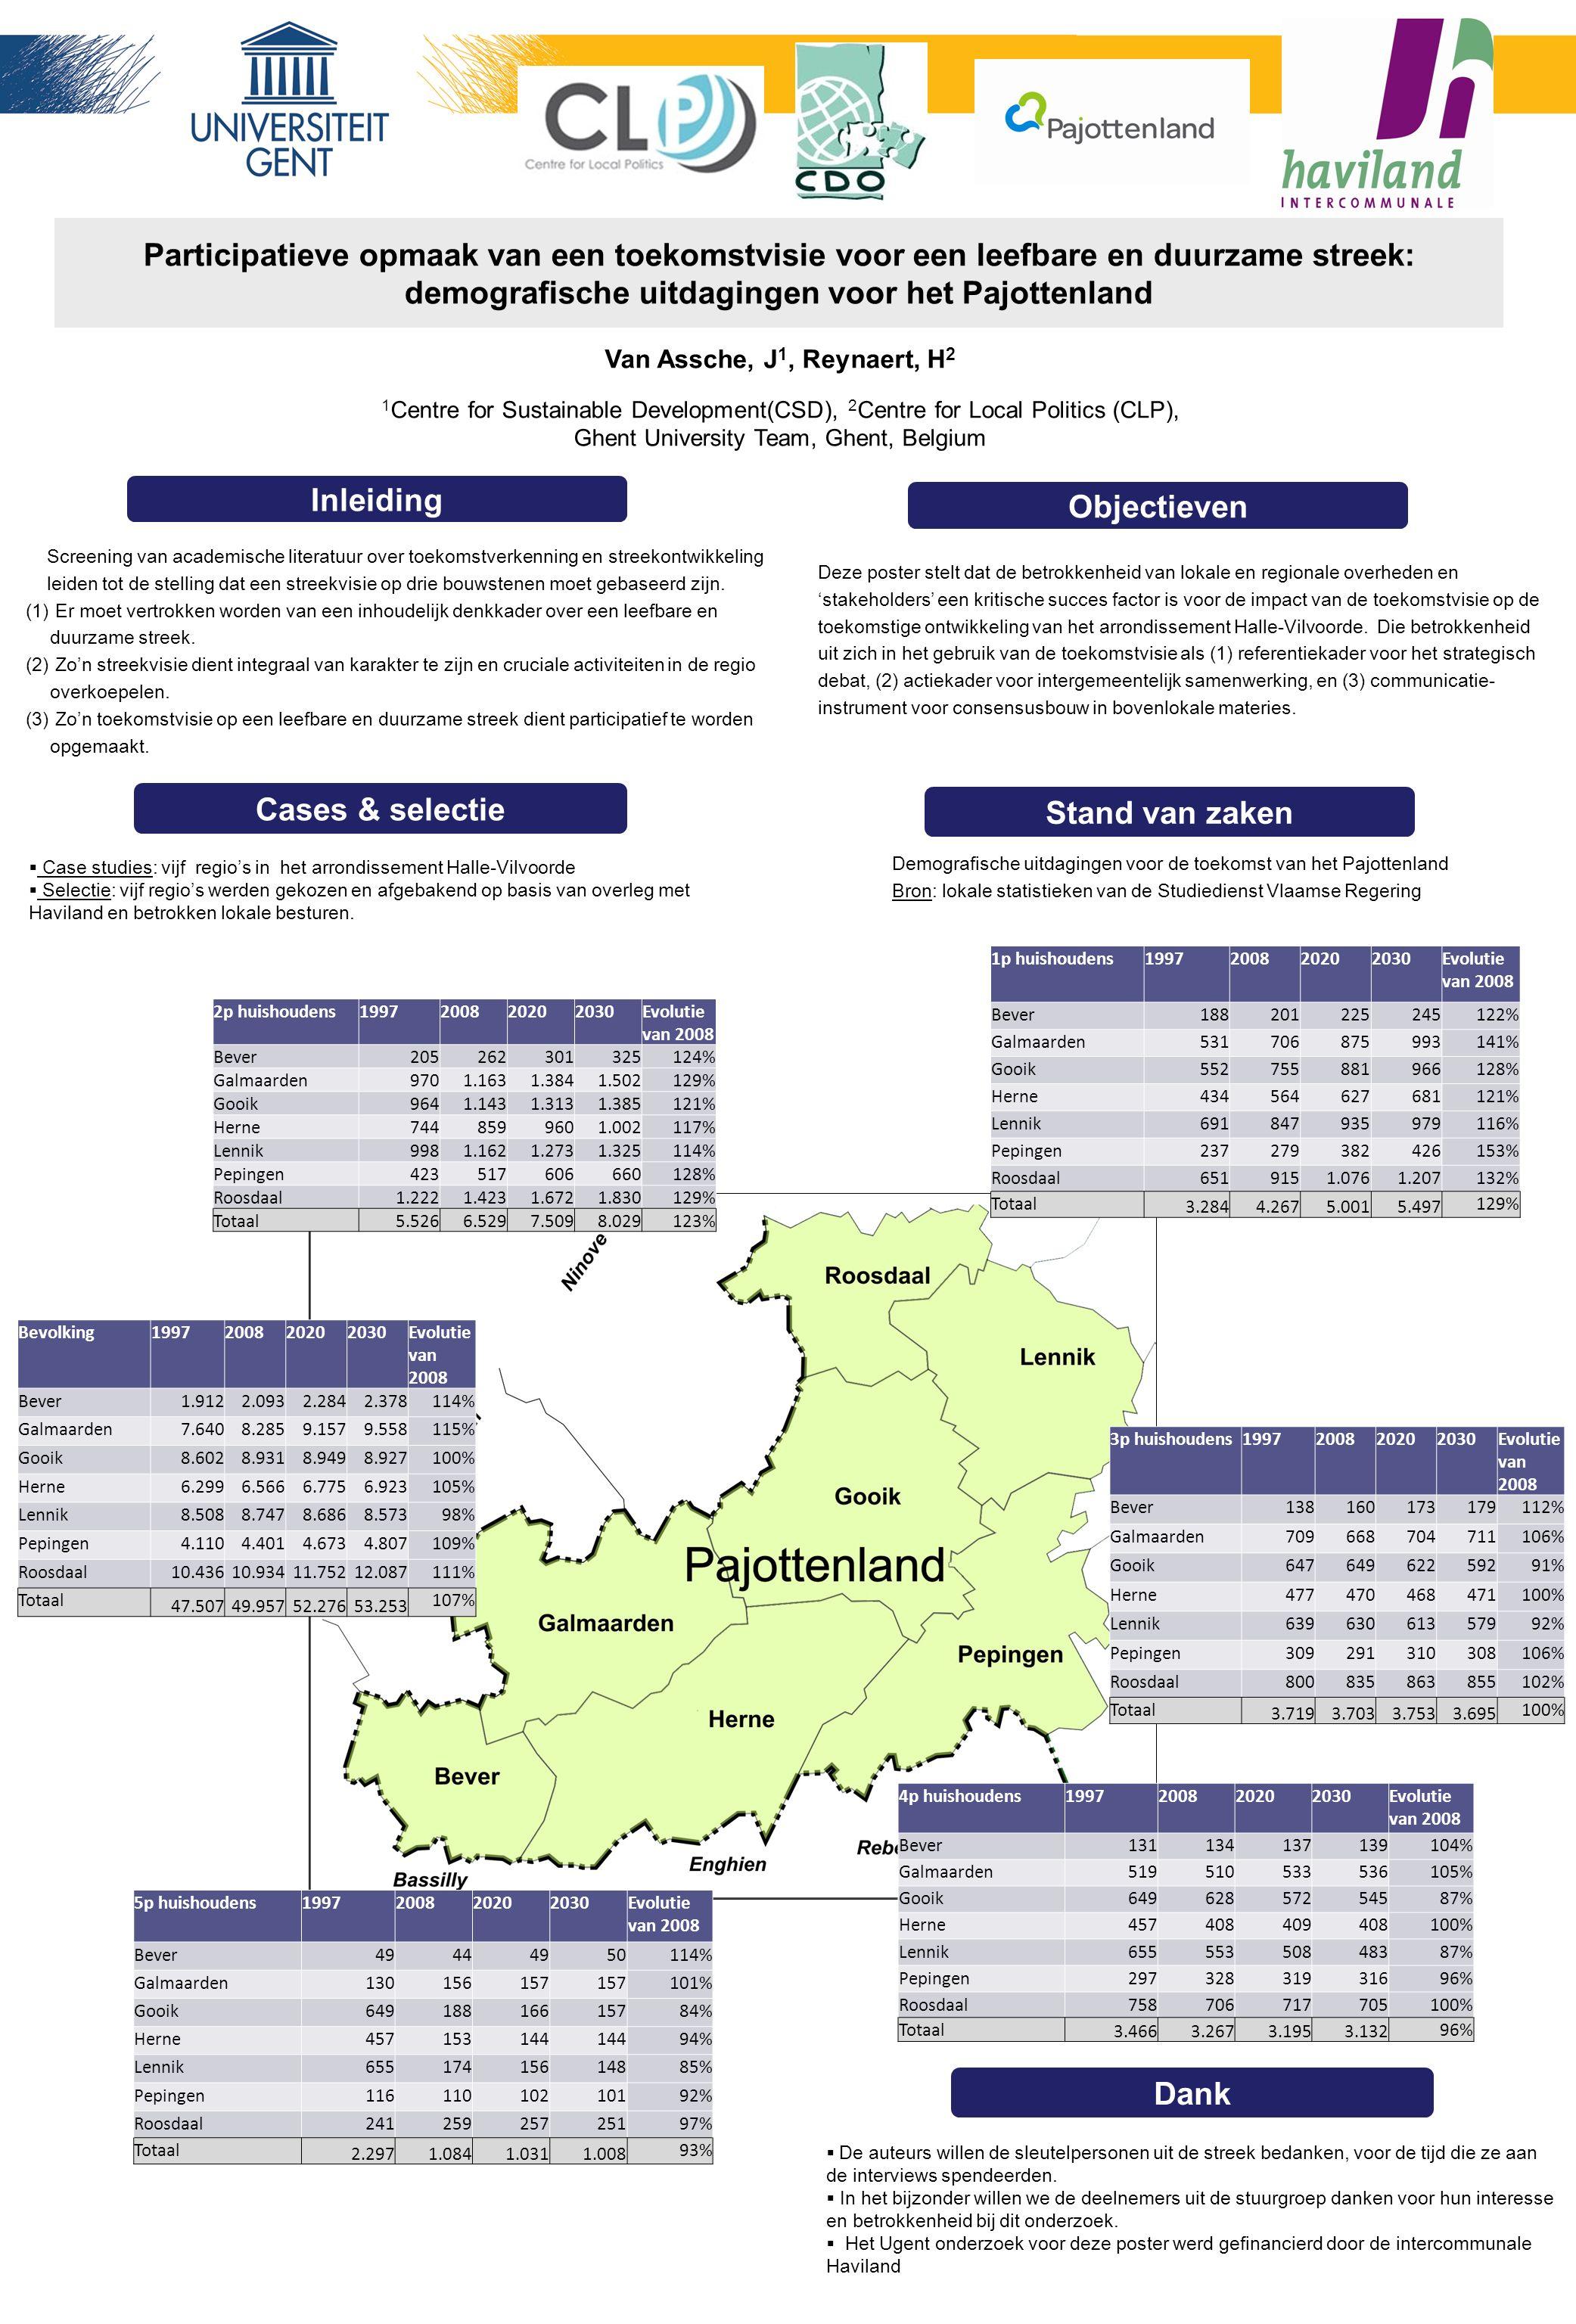 Participatieve opmaak van een toekomstvisie voor een leefbare en duurzame streek: demografische uitdagingen voor het Pajottenland Van Assche, J 1, Reynaert, H 2 1 Centre for Sustainable Development(CSD), 2 Centre for Local Politics (CLP), Ghent University Team, Ghent, Belgium Inleiding Stand van zaken Deze poster stelt dat de betrokkenheid van lokale en regionale overheden en 'stakeholders' een kritische succes factor is voor de impact van de toekomstvisie op de toekomstige ontwikkeling van het arrondissement Halle-Vilvoorde.